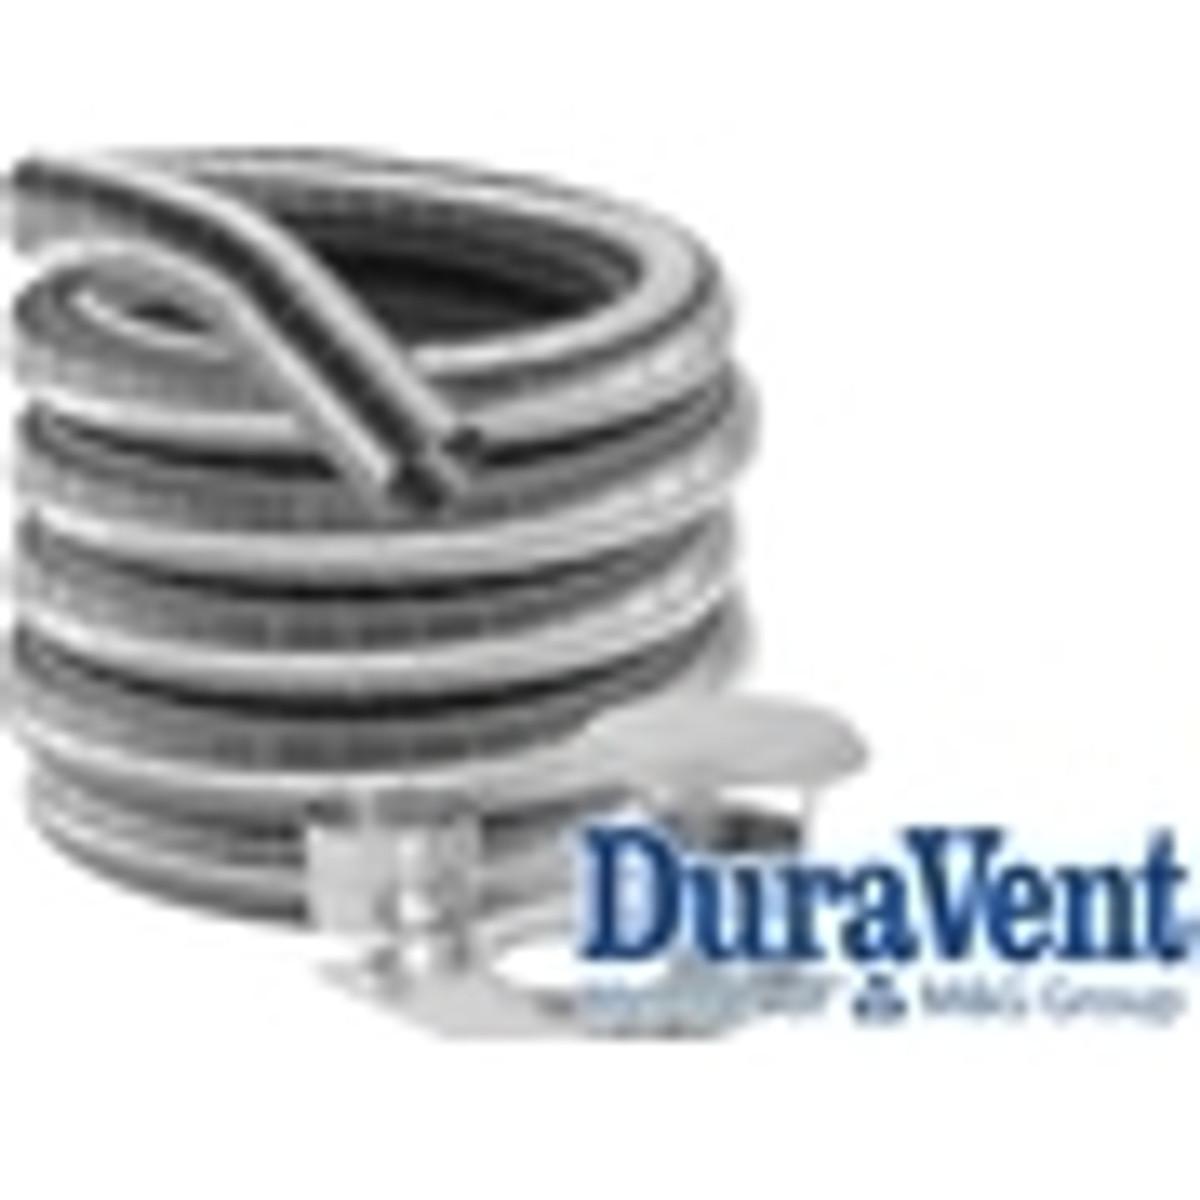 4'' DuraFlex Stainless Steel Chimney Liner